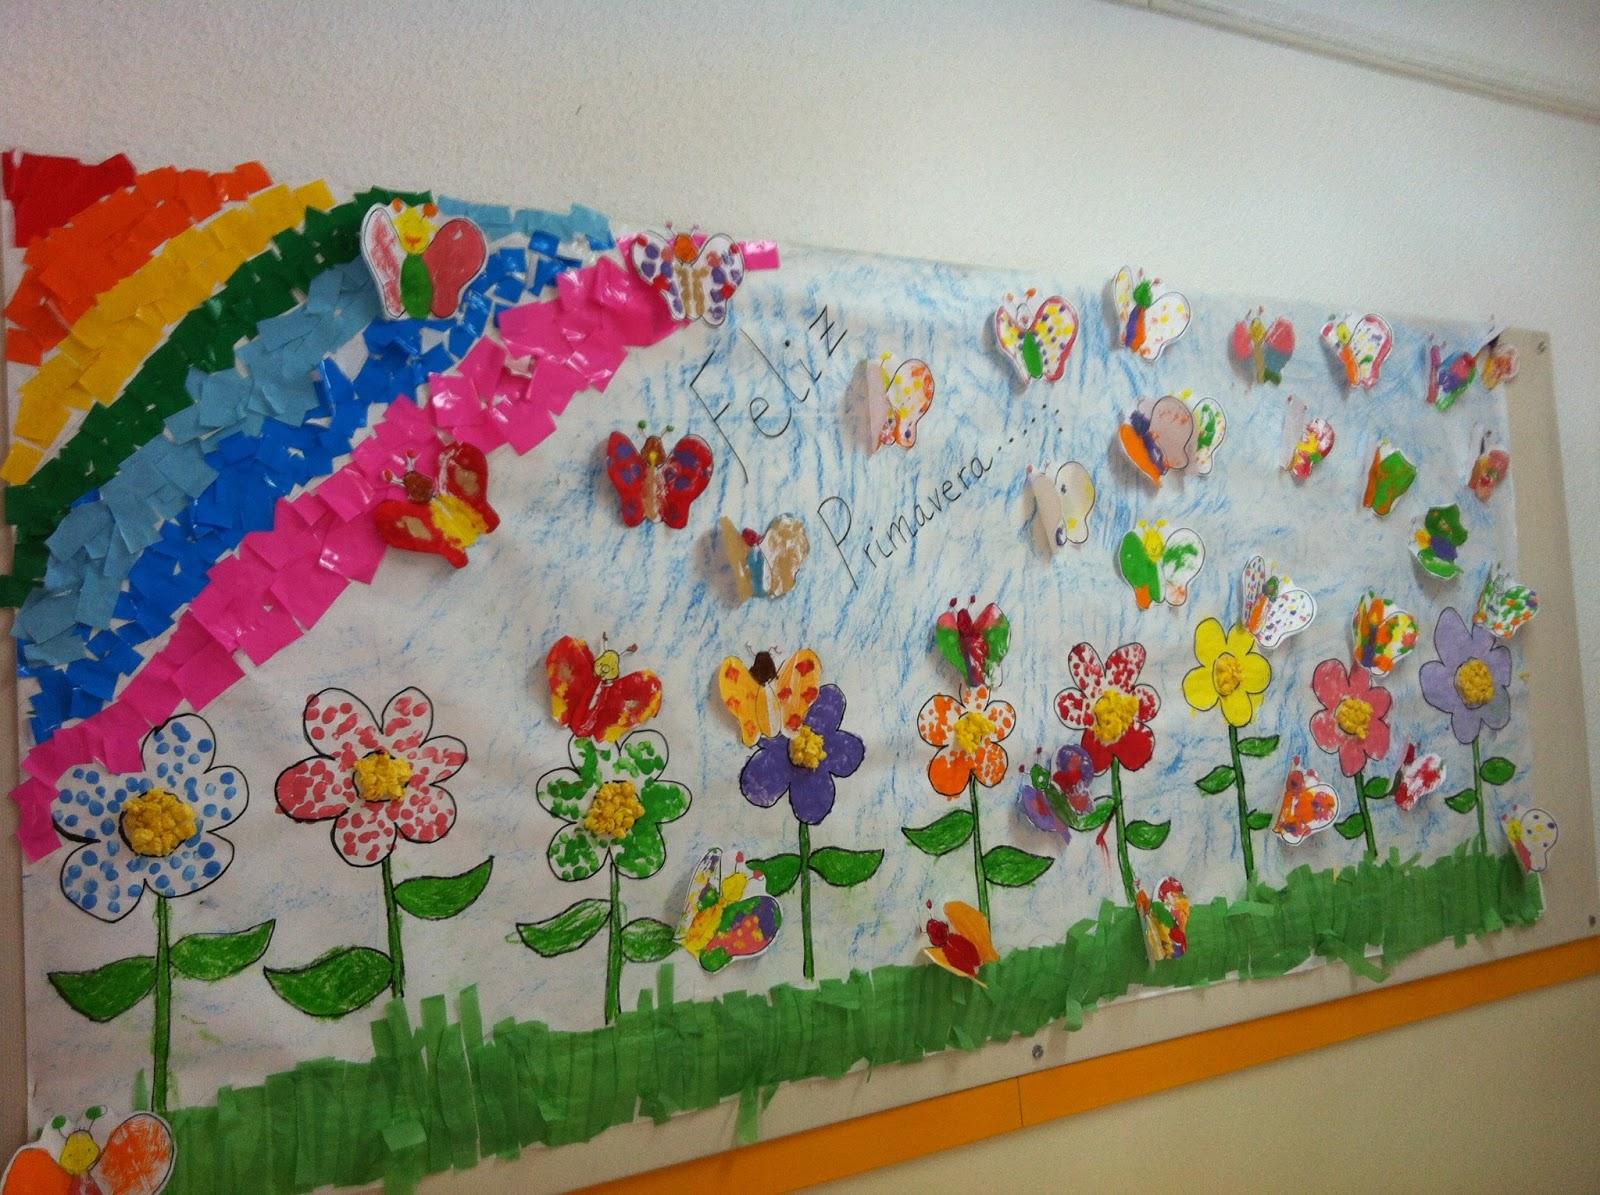 Periodico mural hechos en reciclaje for Comprar murales para pared